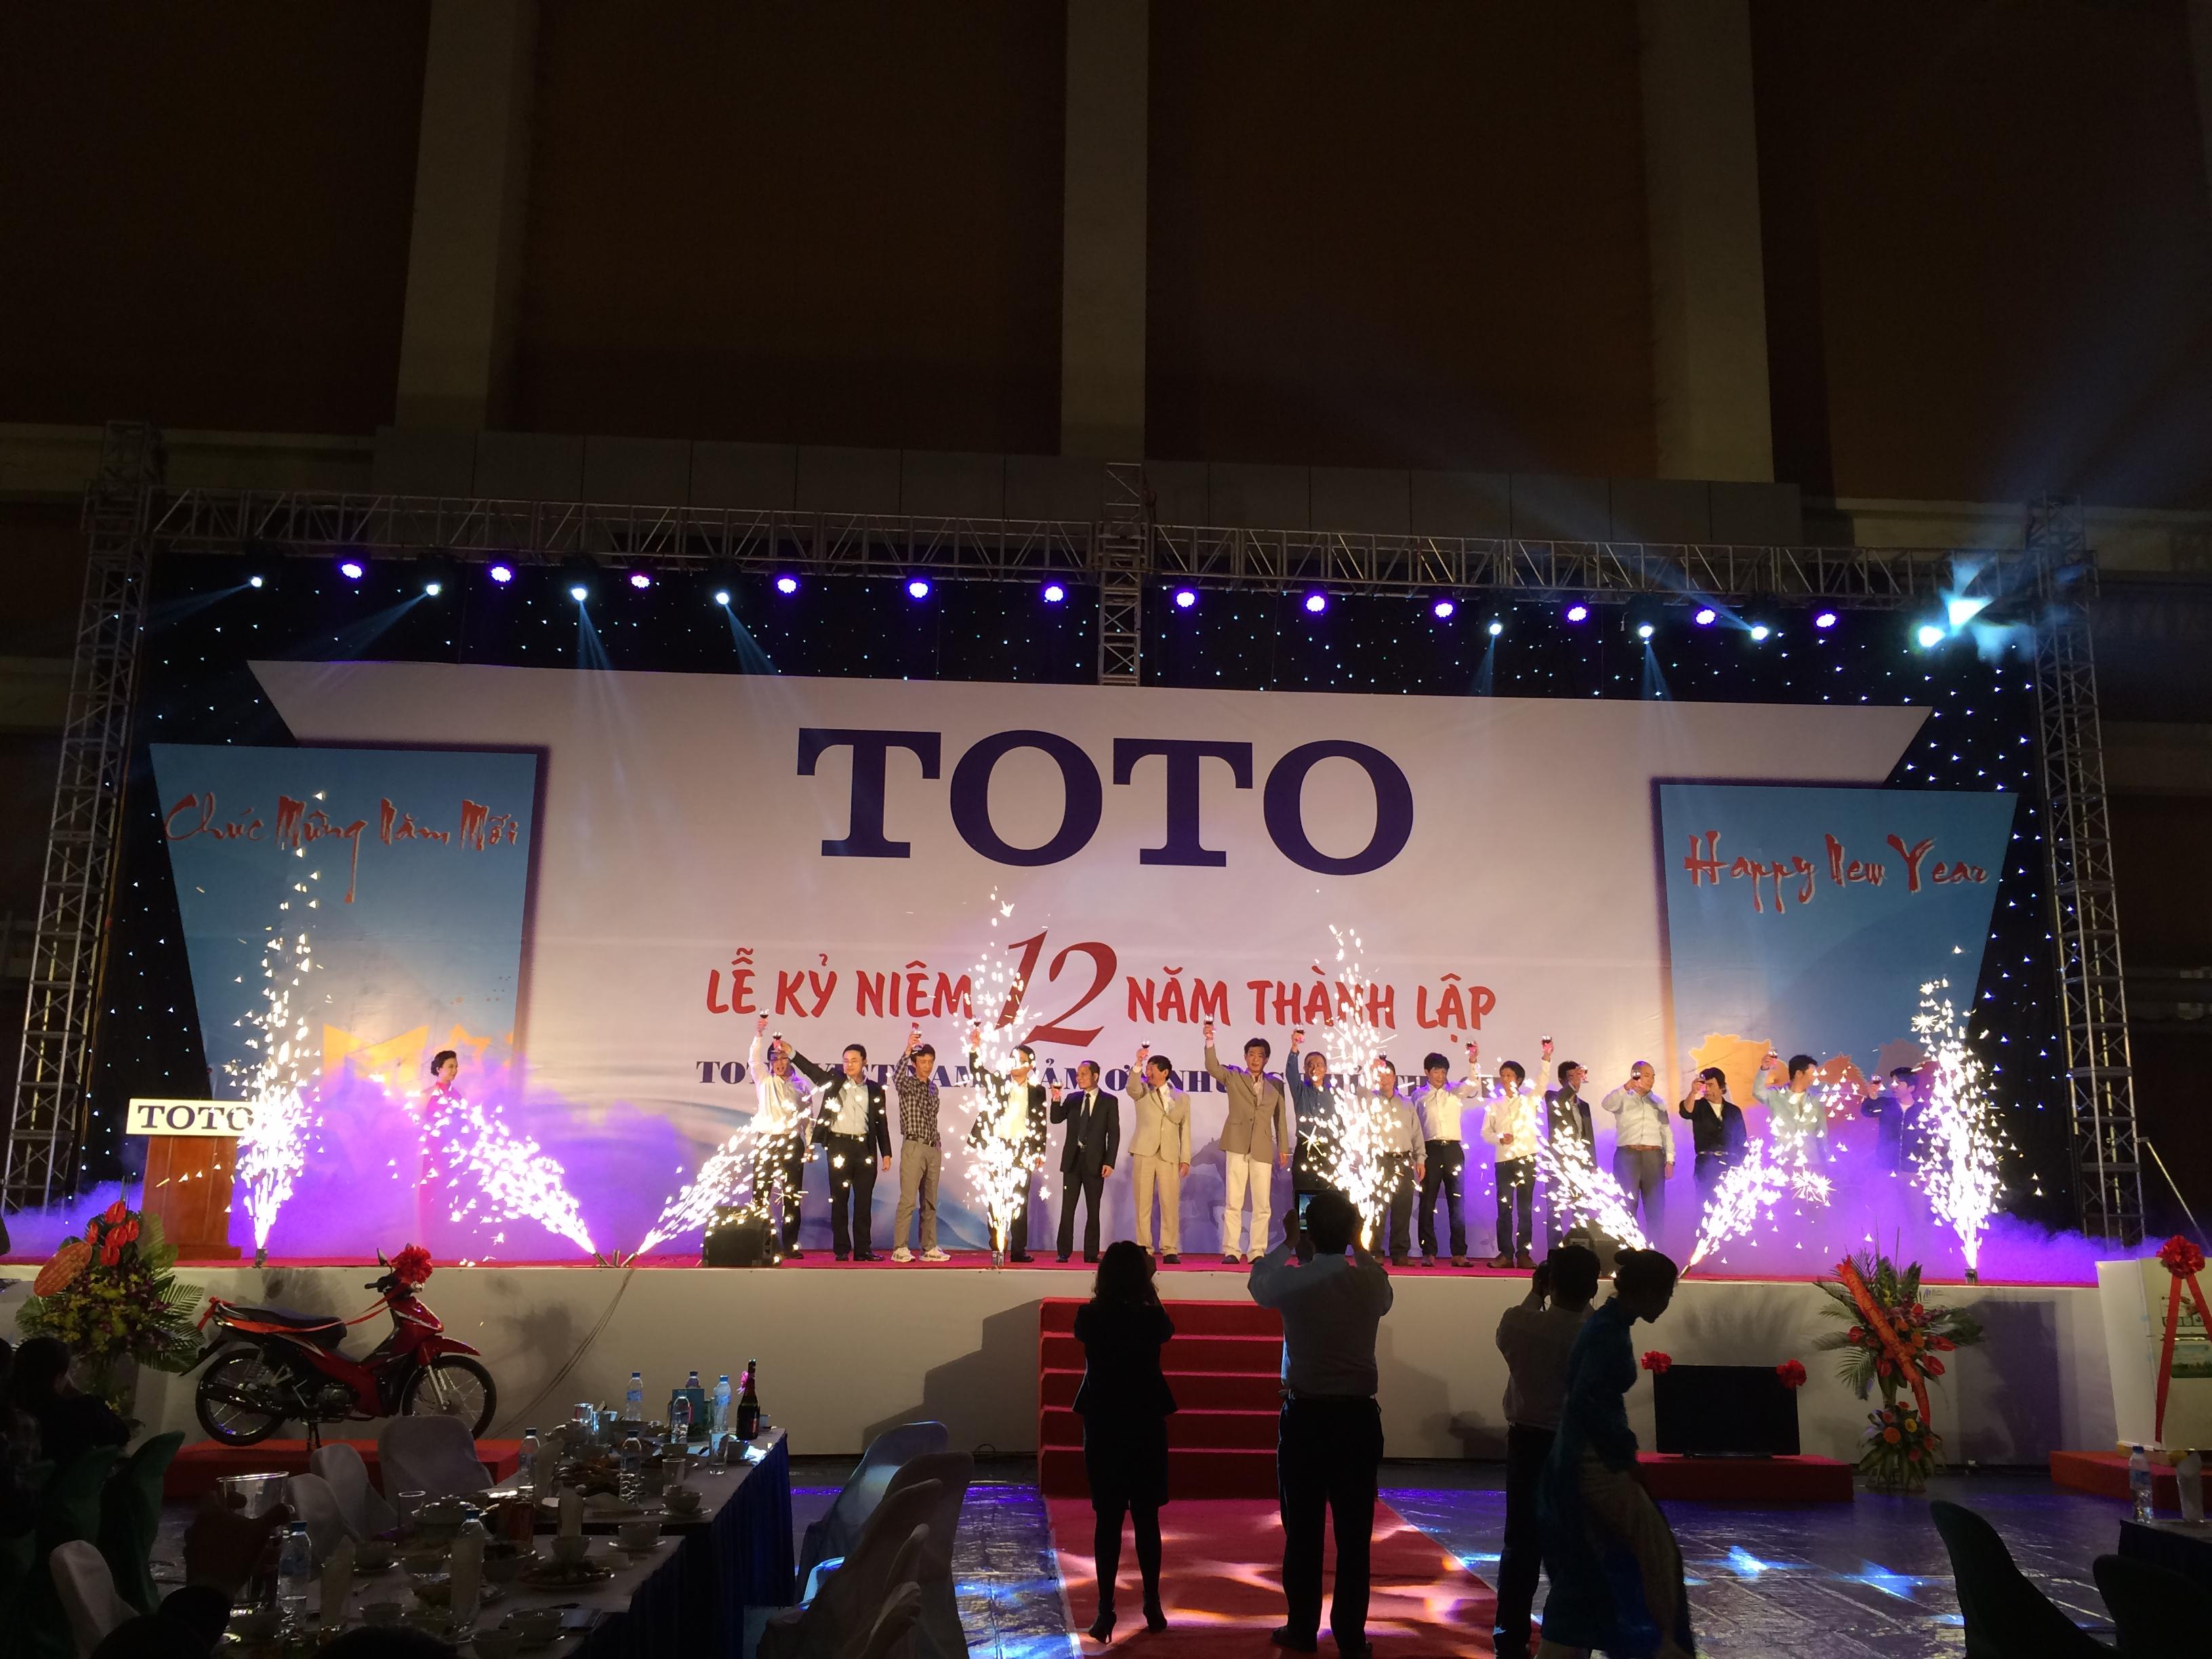 Lễ kỉ niệm 12 năm thành lập Công ty TNHH TOTO Việt Nam